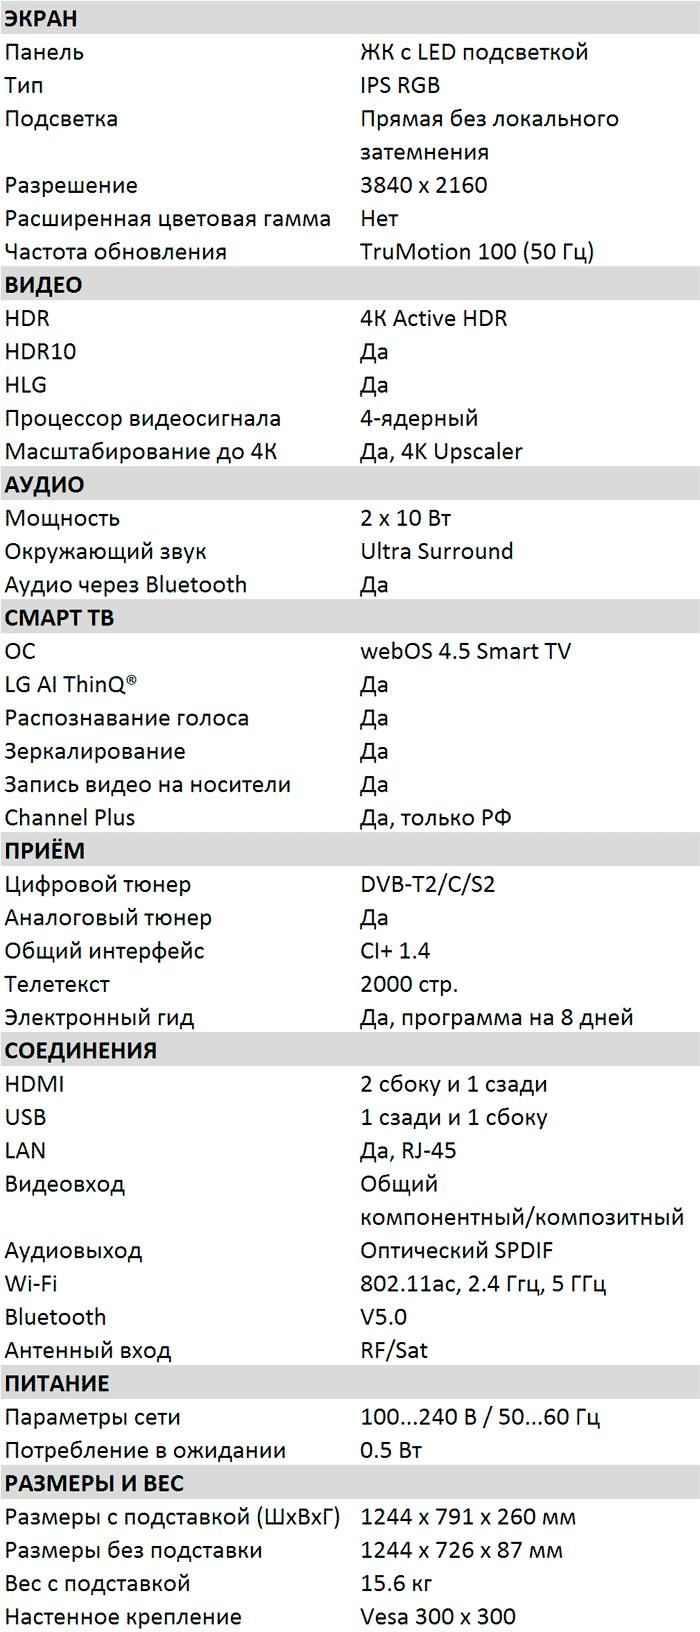 Характеристики UM7400